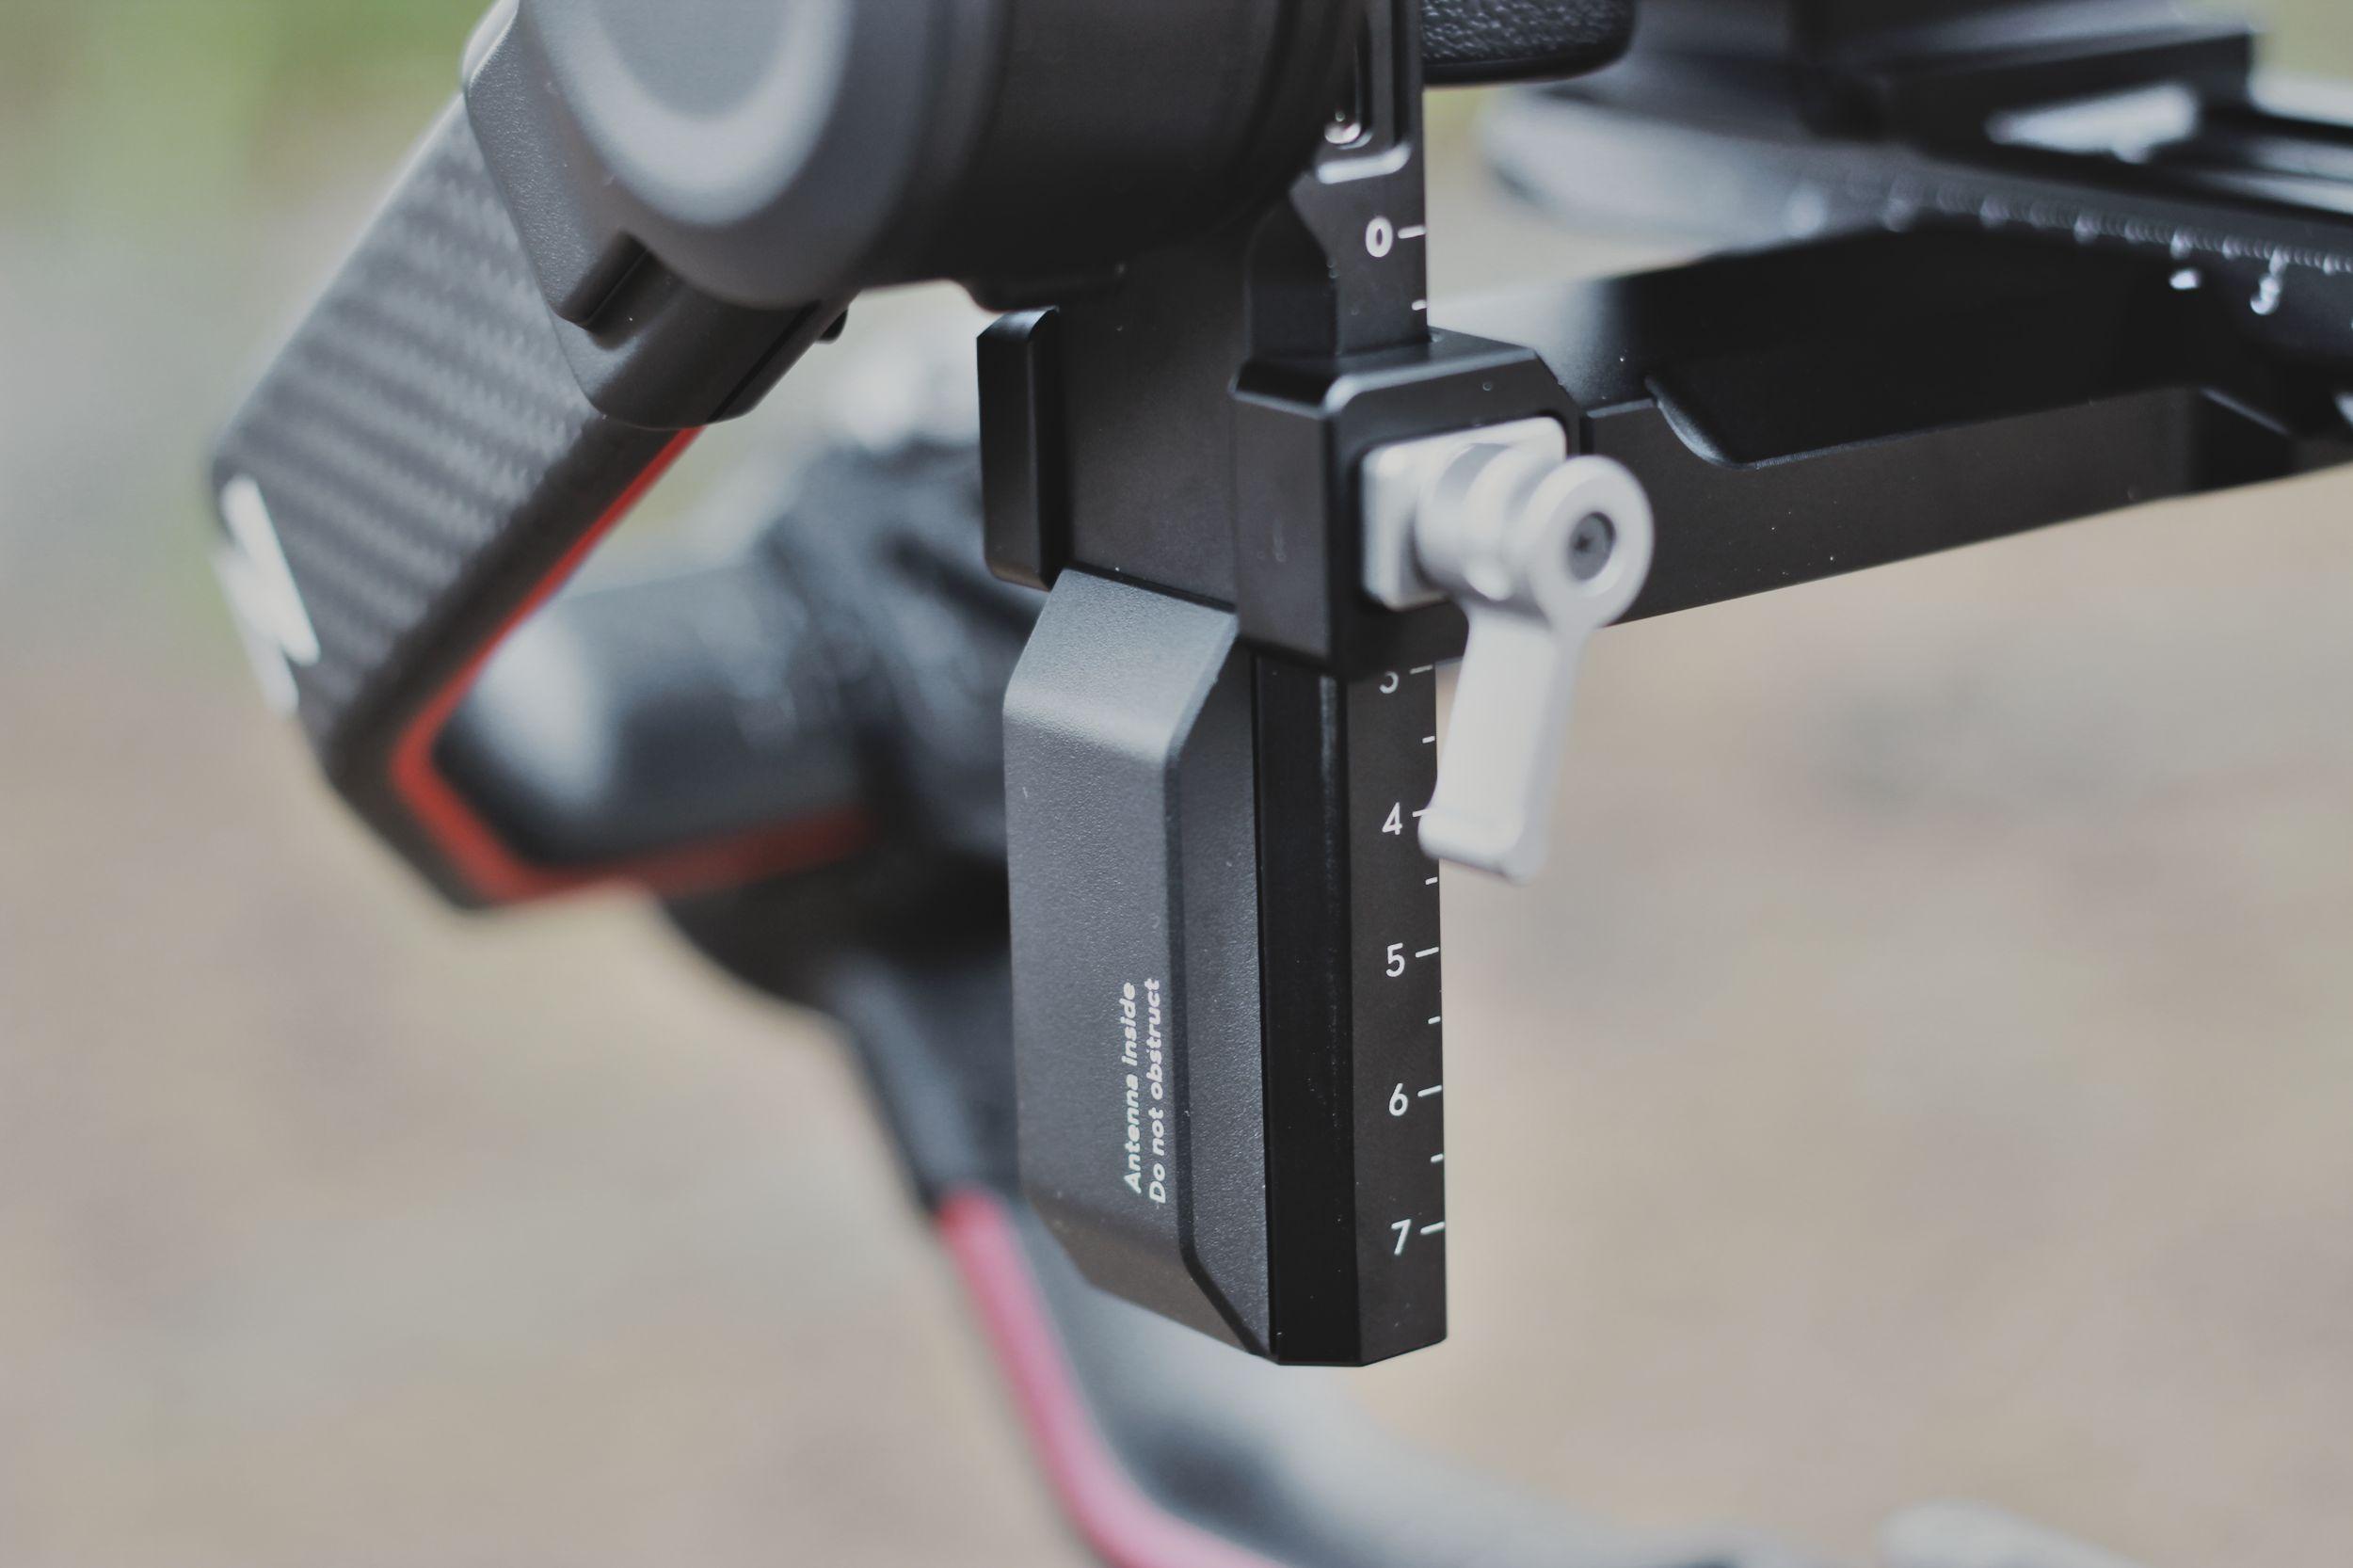 Stabilizator do filmowania